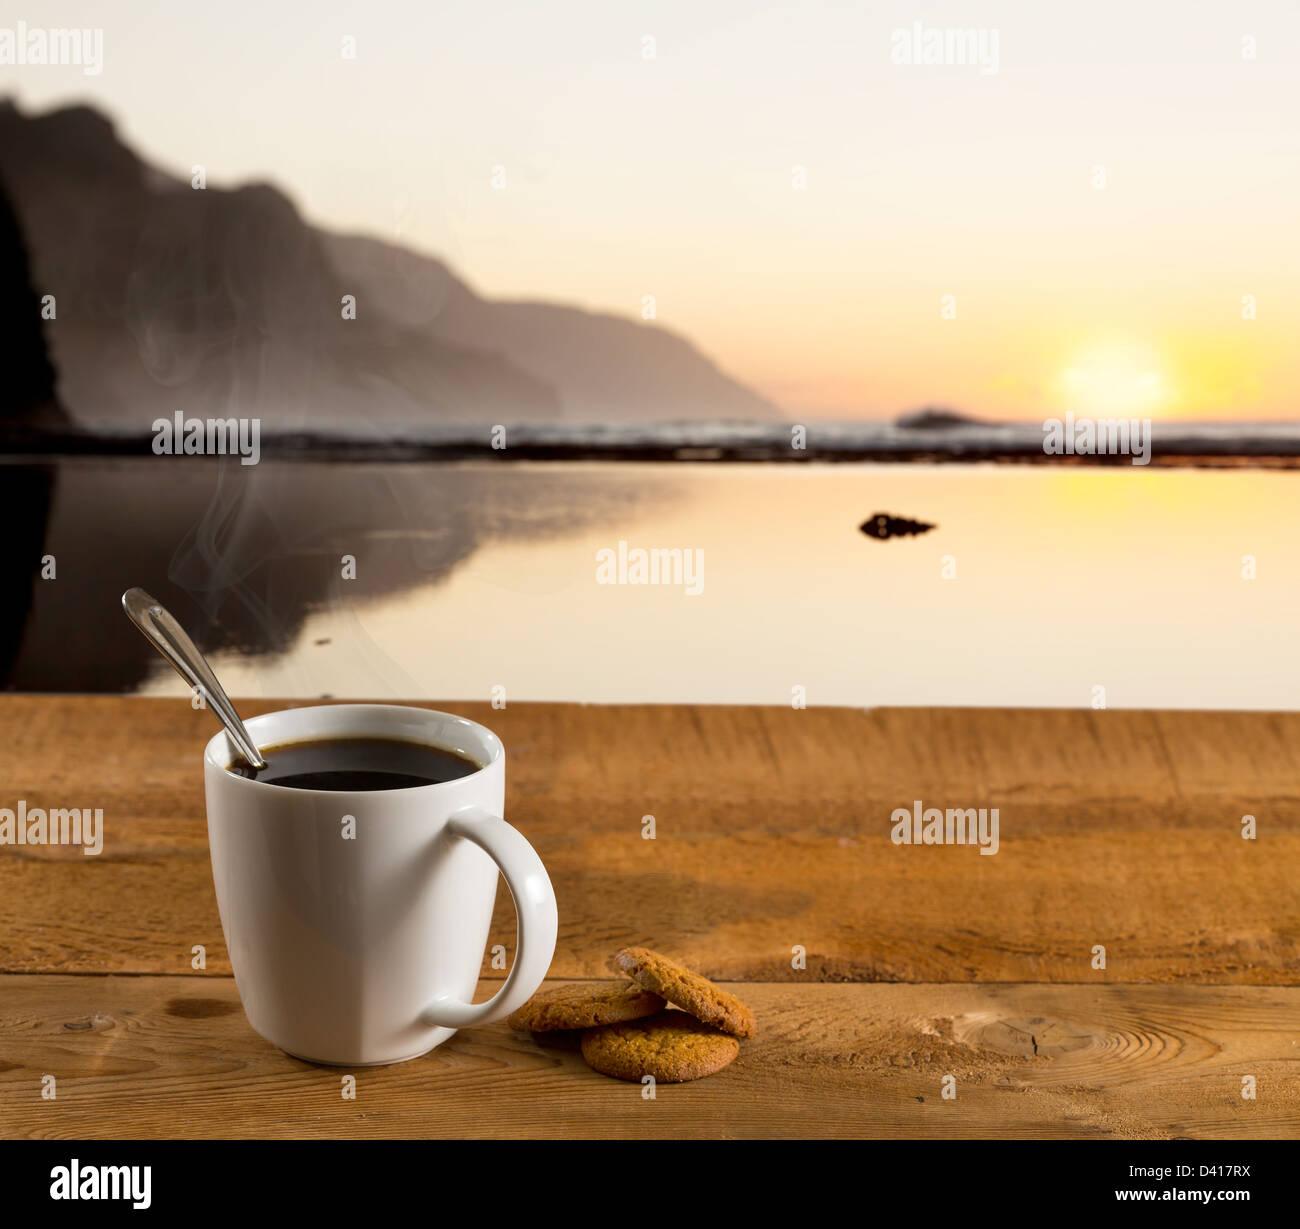 Tasse Kaffee auf einem Tisch bei Sonnenauf- oder Sonnenuntergang Blick auf eine wunderschöne Landschaft Stockbild